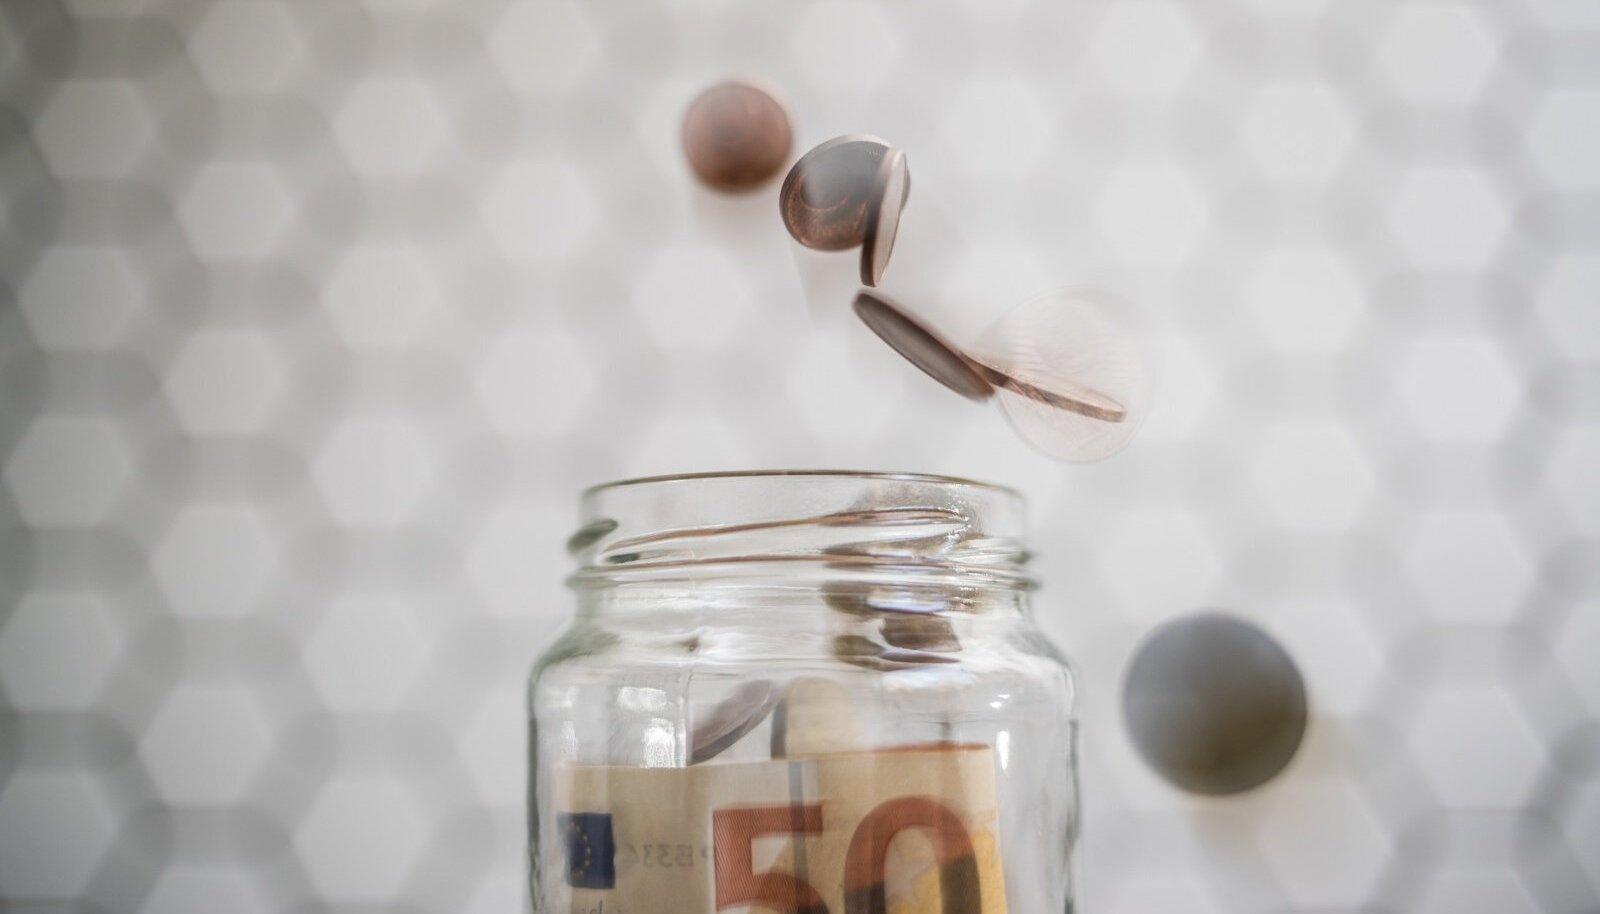 Ettevõtluskonsultant: soovitan seitset pensionisammast, riiklik pension on boonus